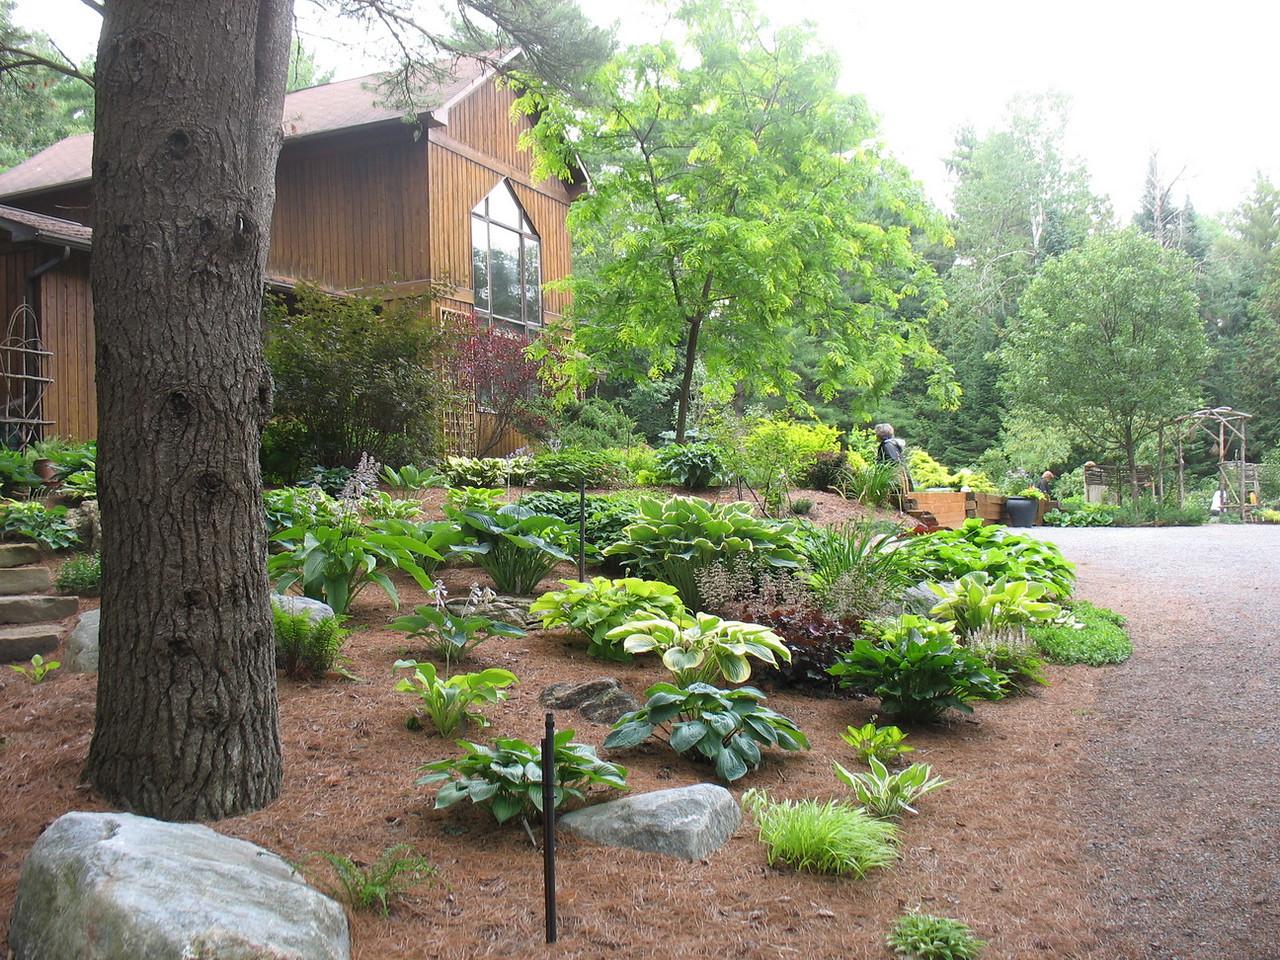 Sandy's lovely rural garden.